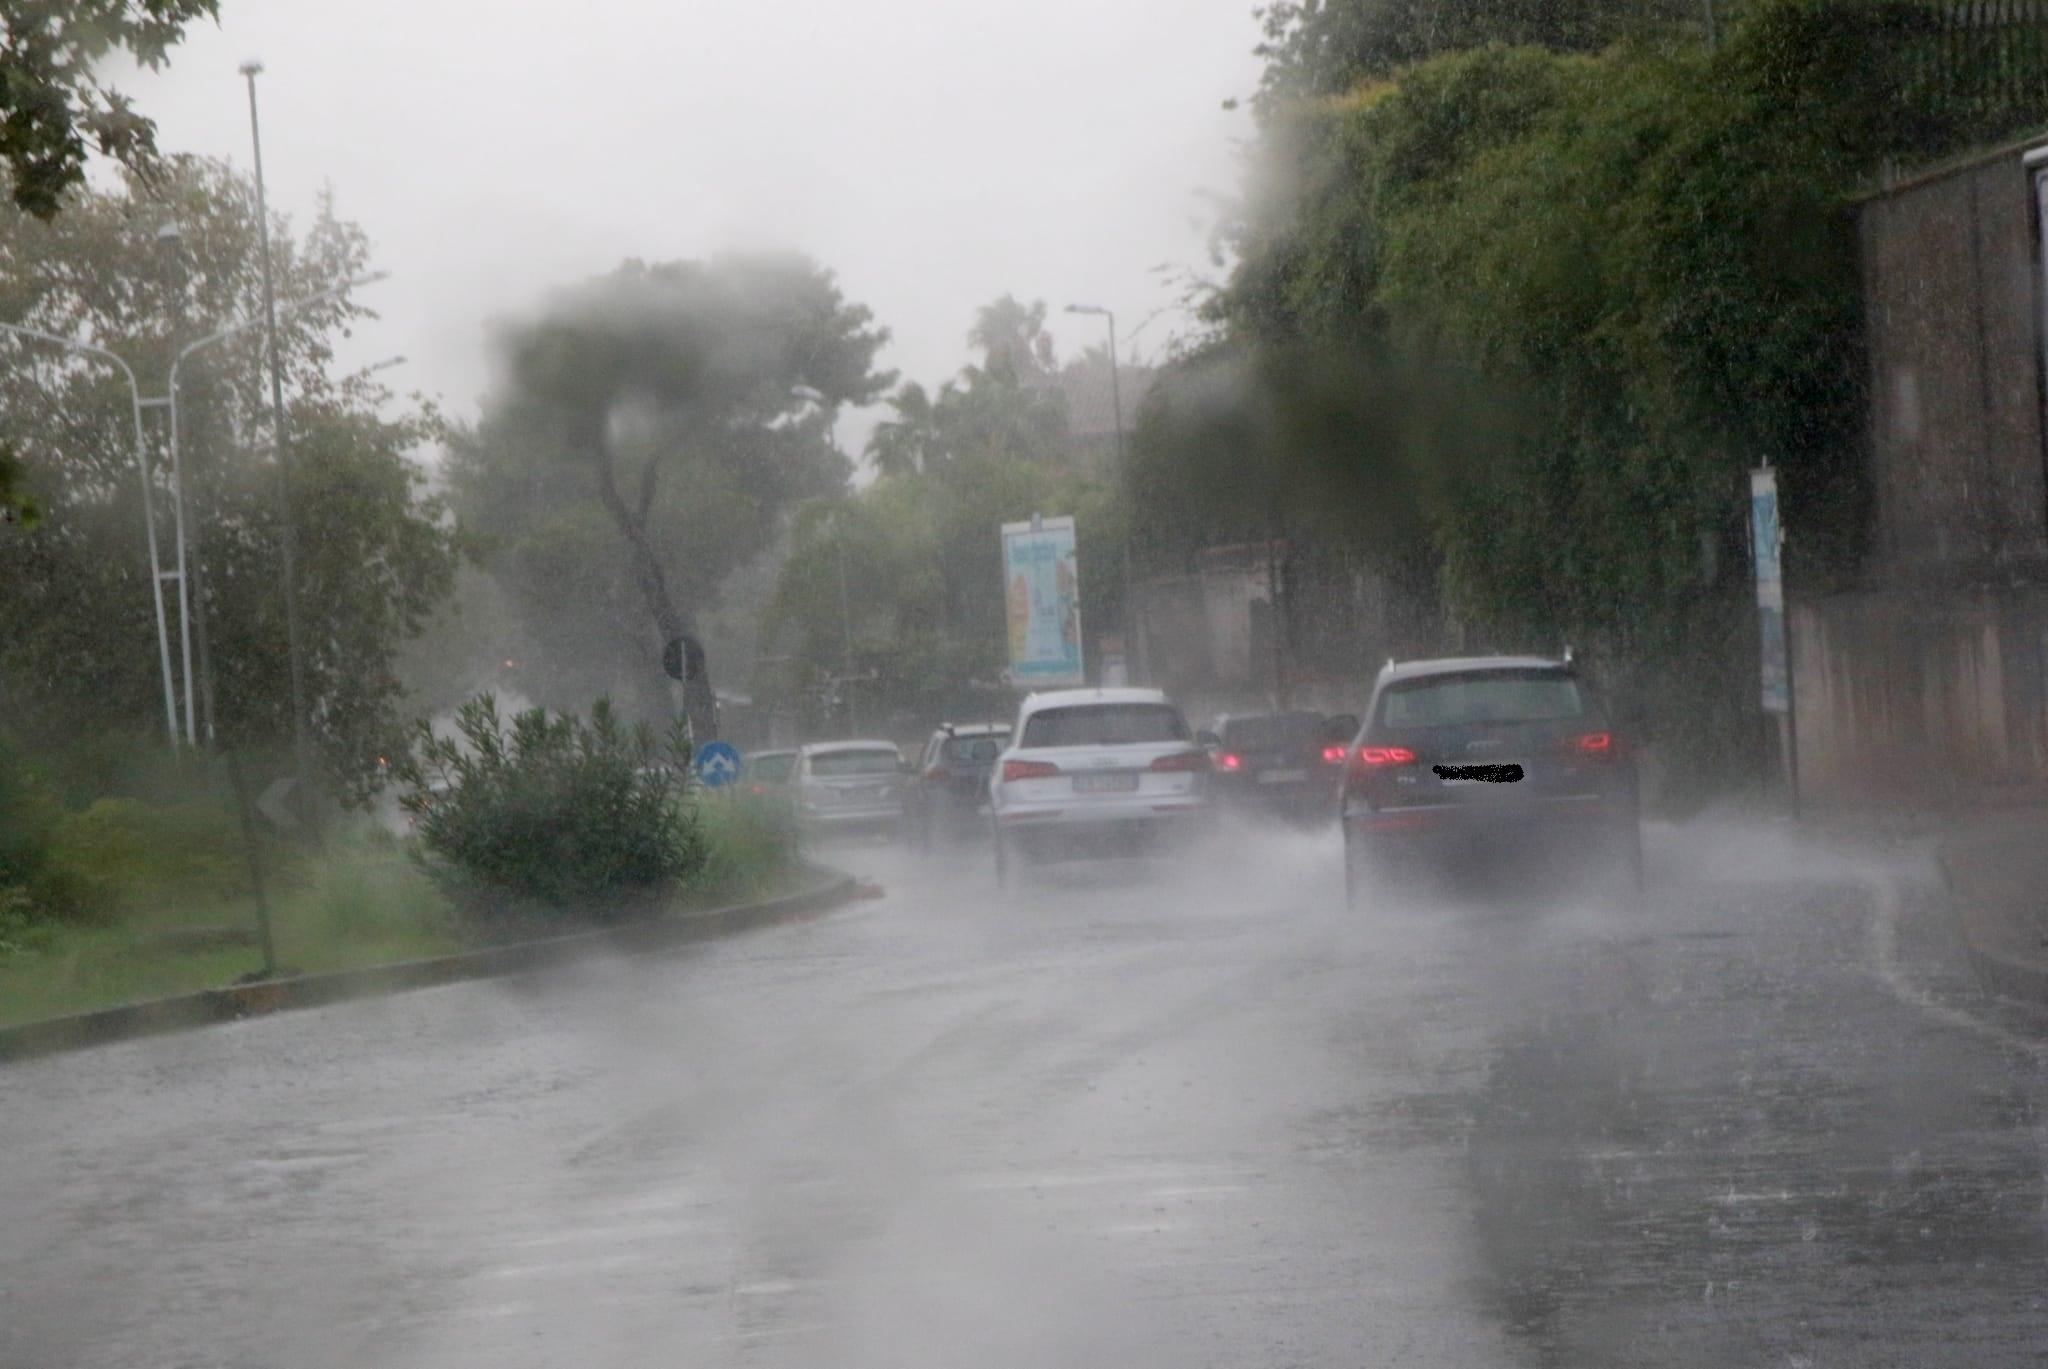 Nubifragio a Catania, strade come fiumi in piena: morto un uomo